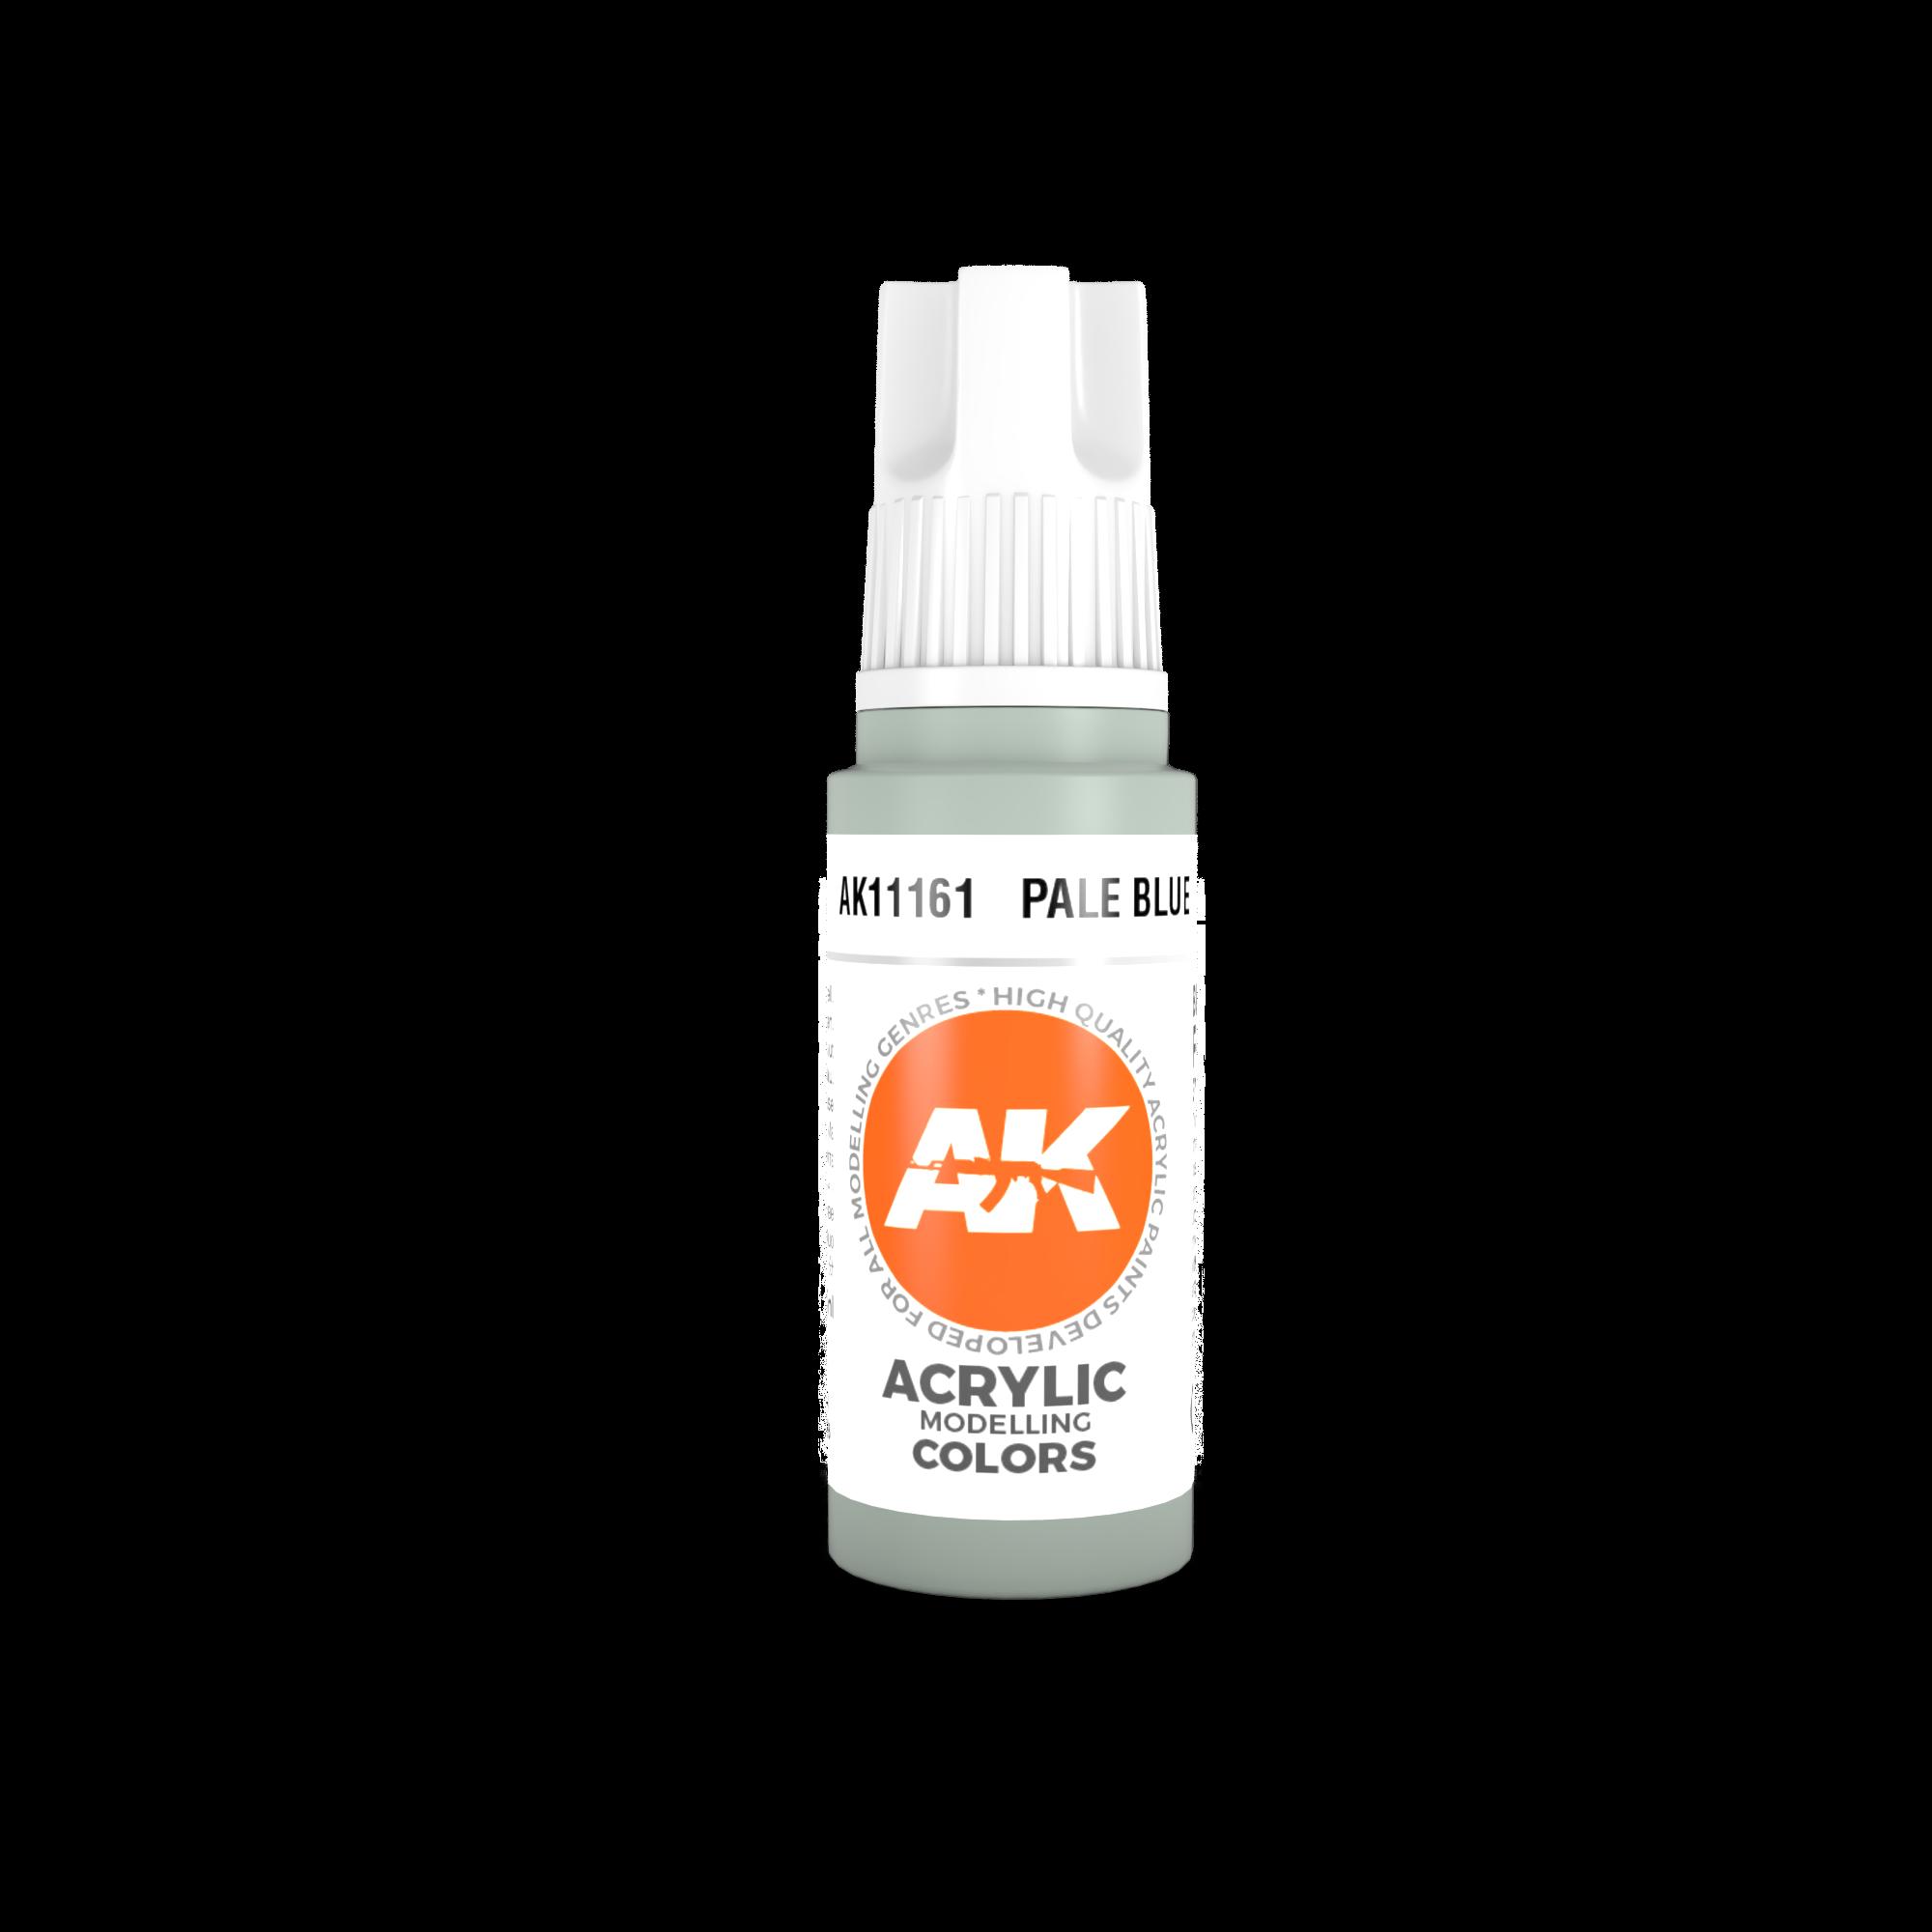 AK-Interactive Pale Blue Acrylic Modelling Color - 17ml - AK-11161